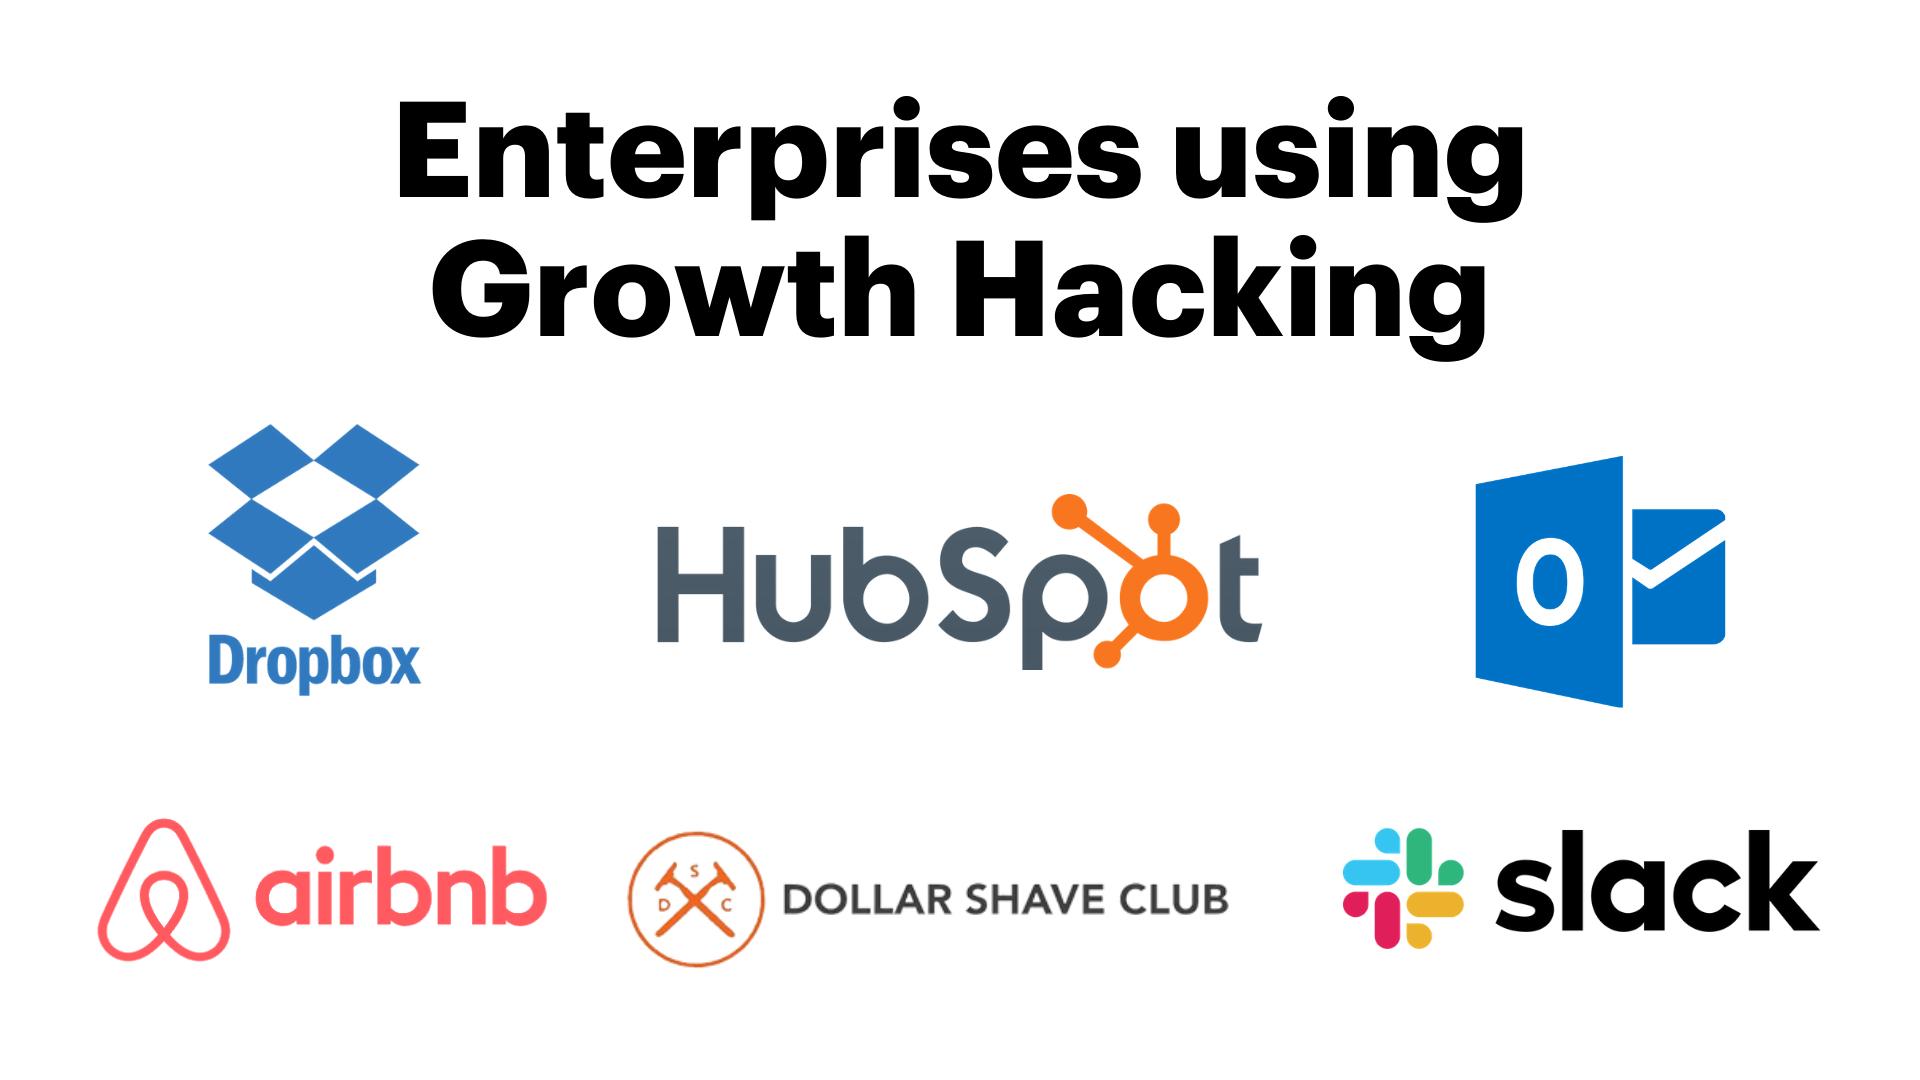 enterprises using growth hacking